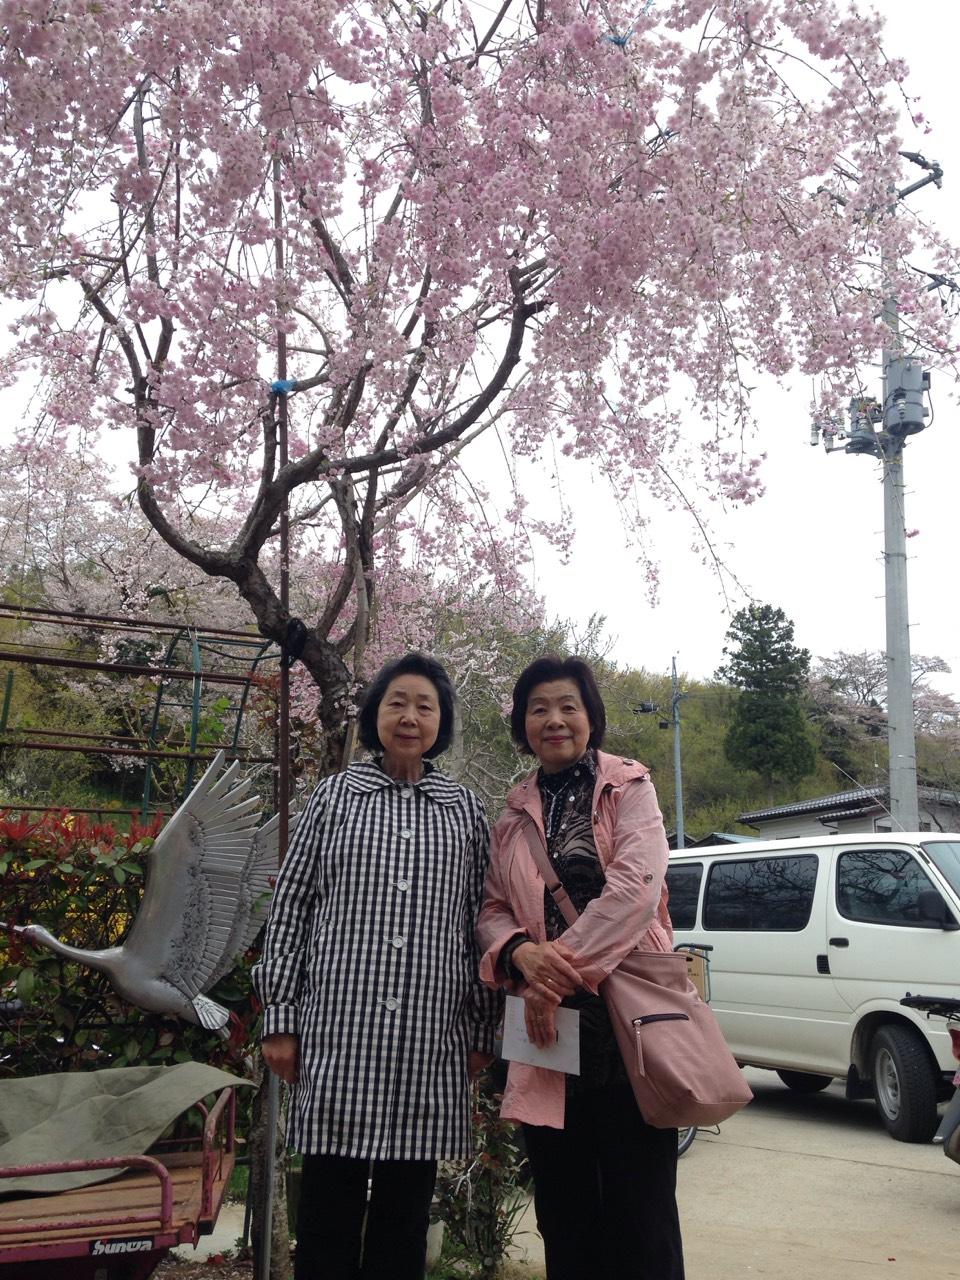 20150417_nagasaka.jpg